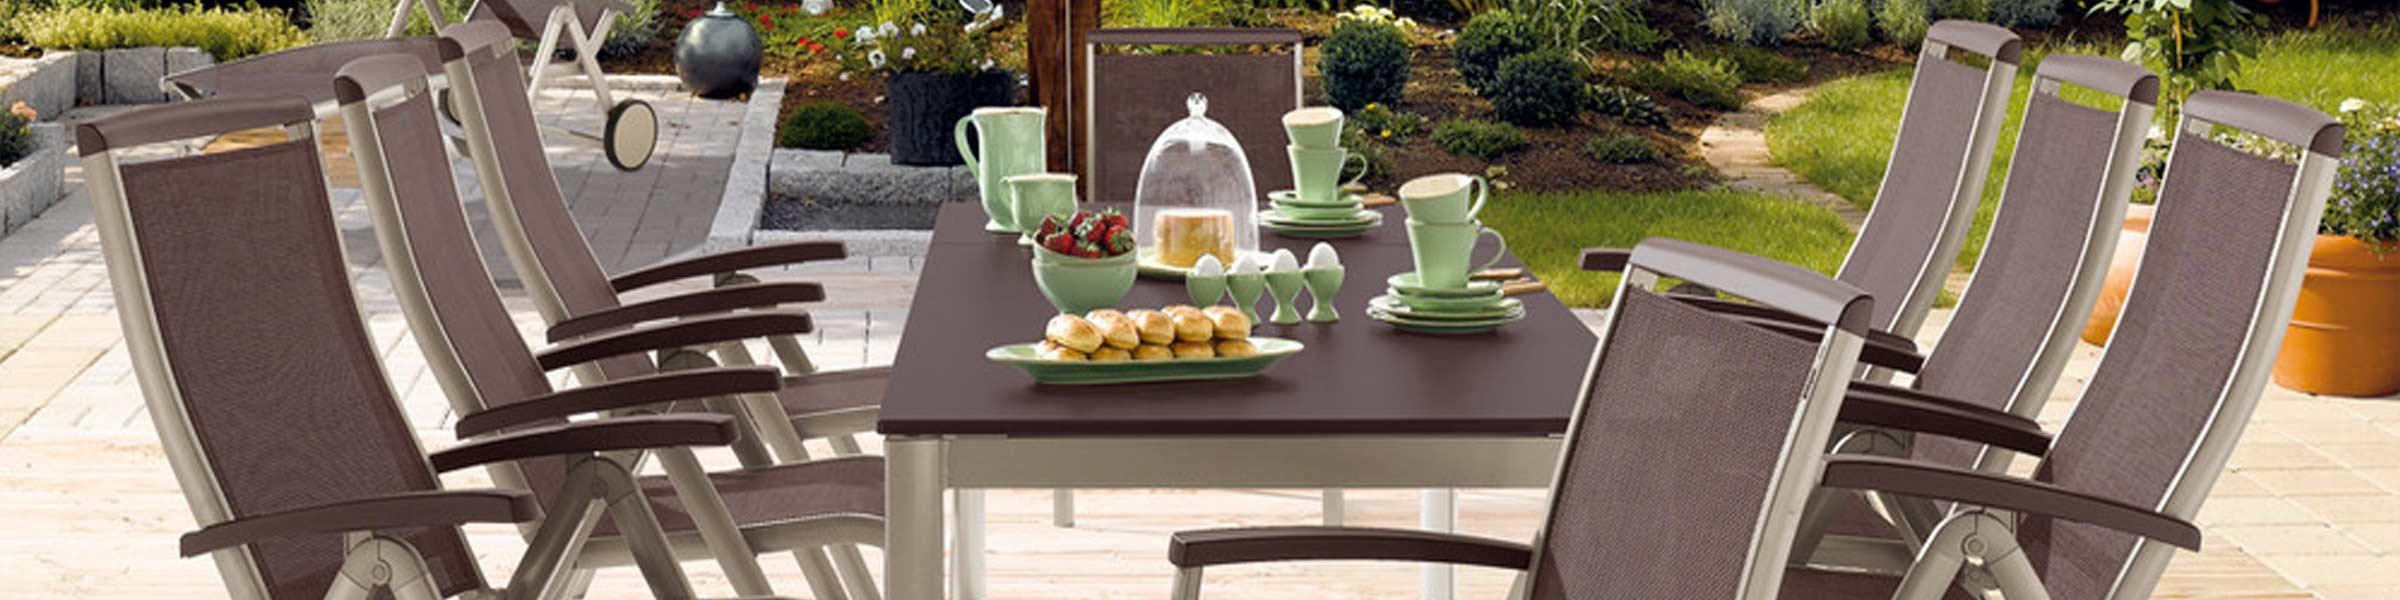 sieger gartenm bel jetzt bequem bei dehner kaufen dehner. Black Bedroom Furniture Sets. Home Design Ideas